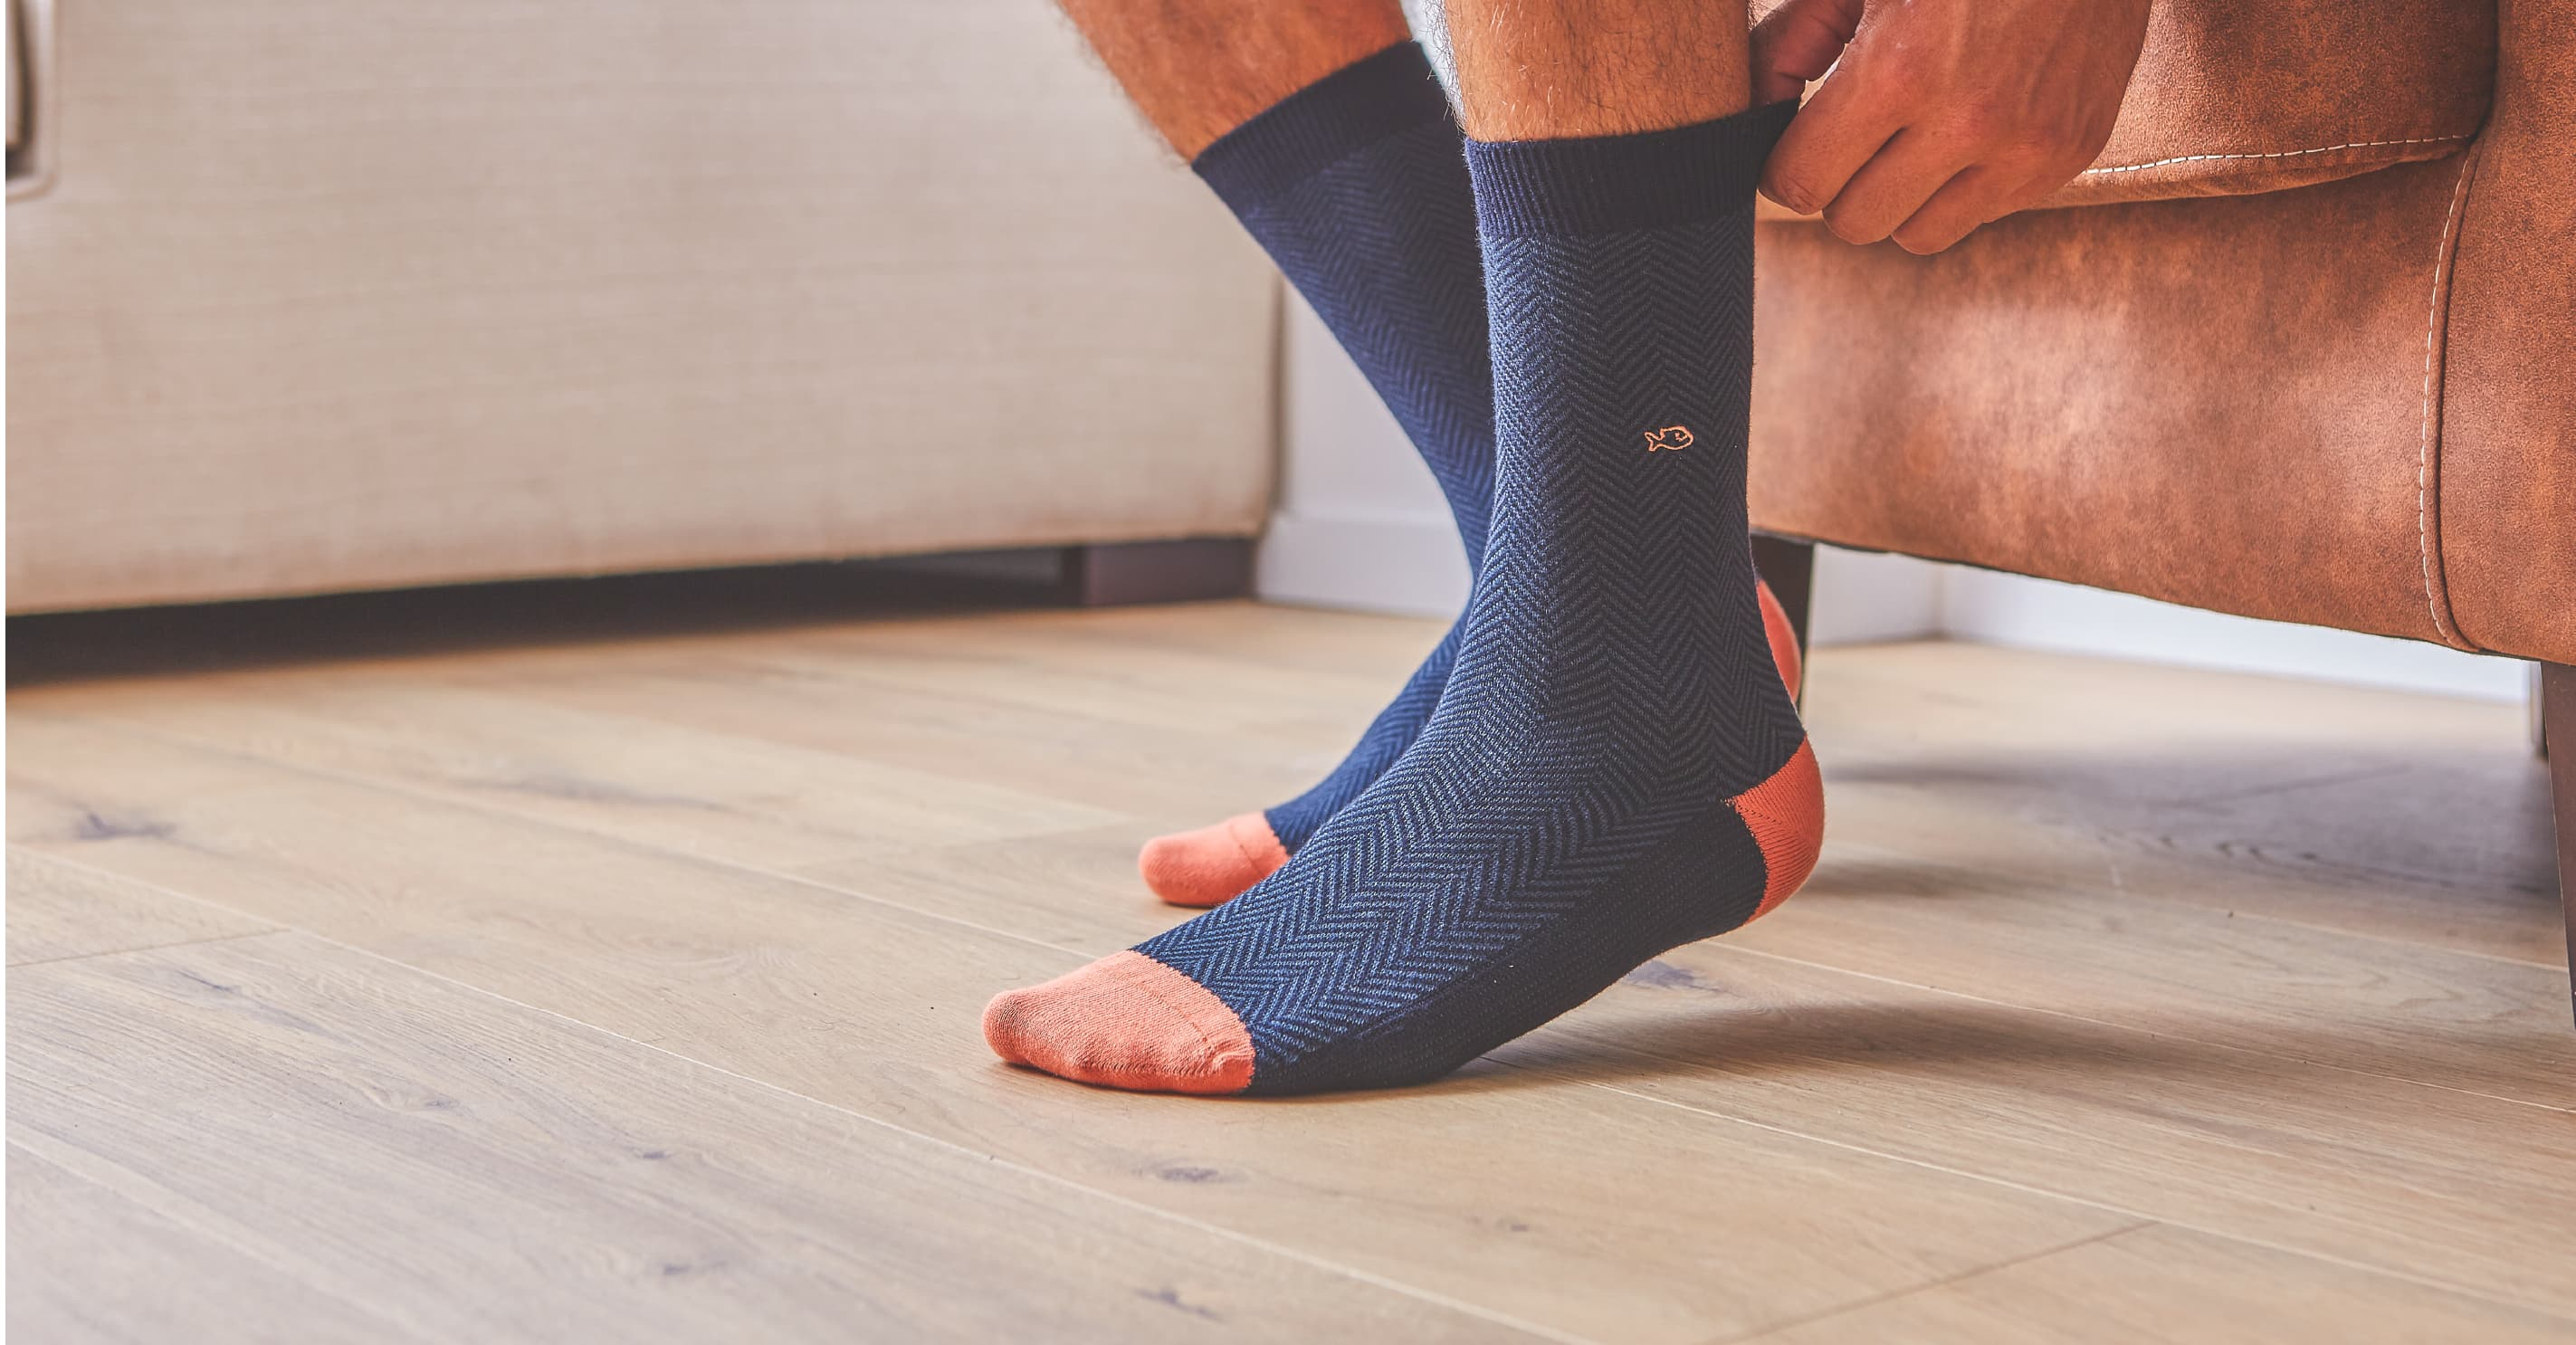 Les chaussettes chevrons sont des chaussettes haut de gamme de notre collection.   Tricotage complexe et délicat, ces chaussettes sont très raffinées et apportent à votre tenue une subtile élégance.   Elles peuvent être portées avec un pantalon, avec un jean ou avec un chino. Leurs couleurs sont tendances et actuelles.